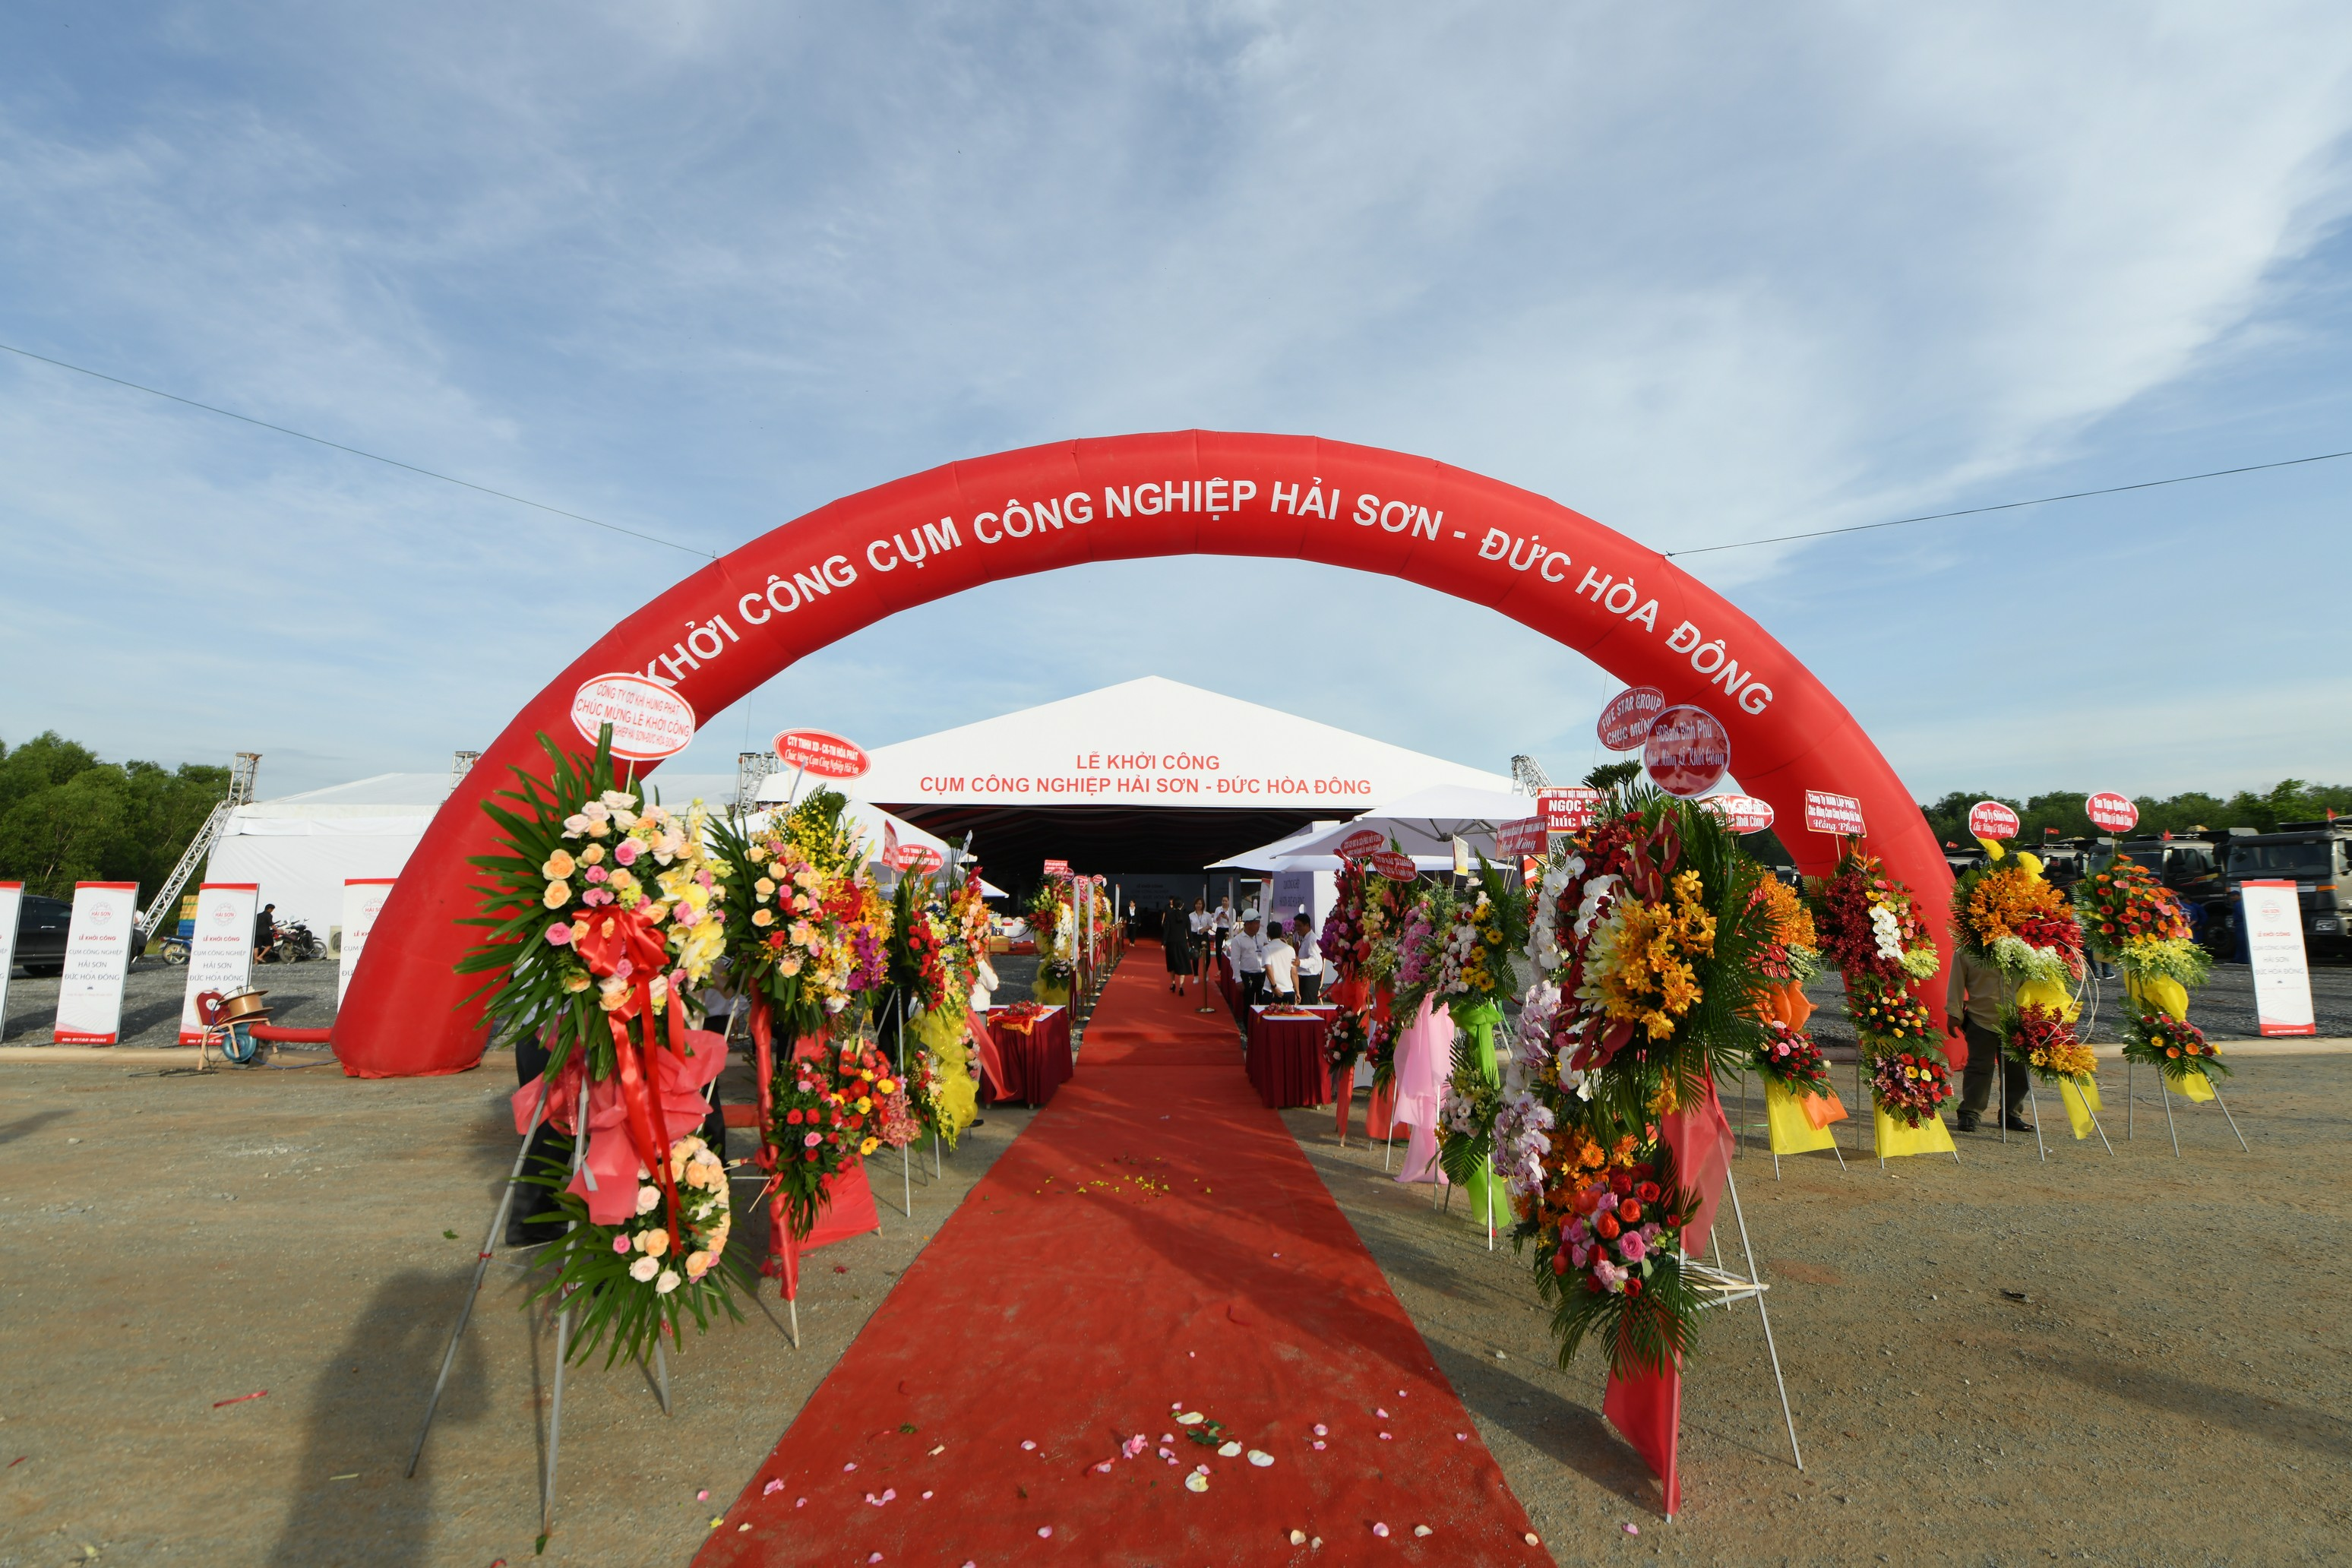 Lễ Khởi công cụm công nghiệp Hải Sơn - Đức Hoà Đông - Long An